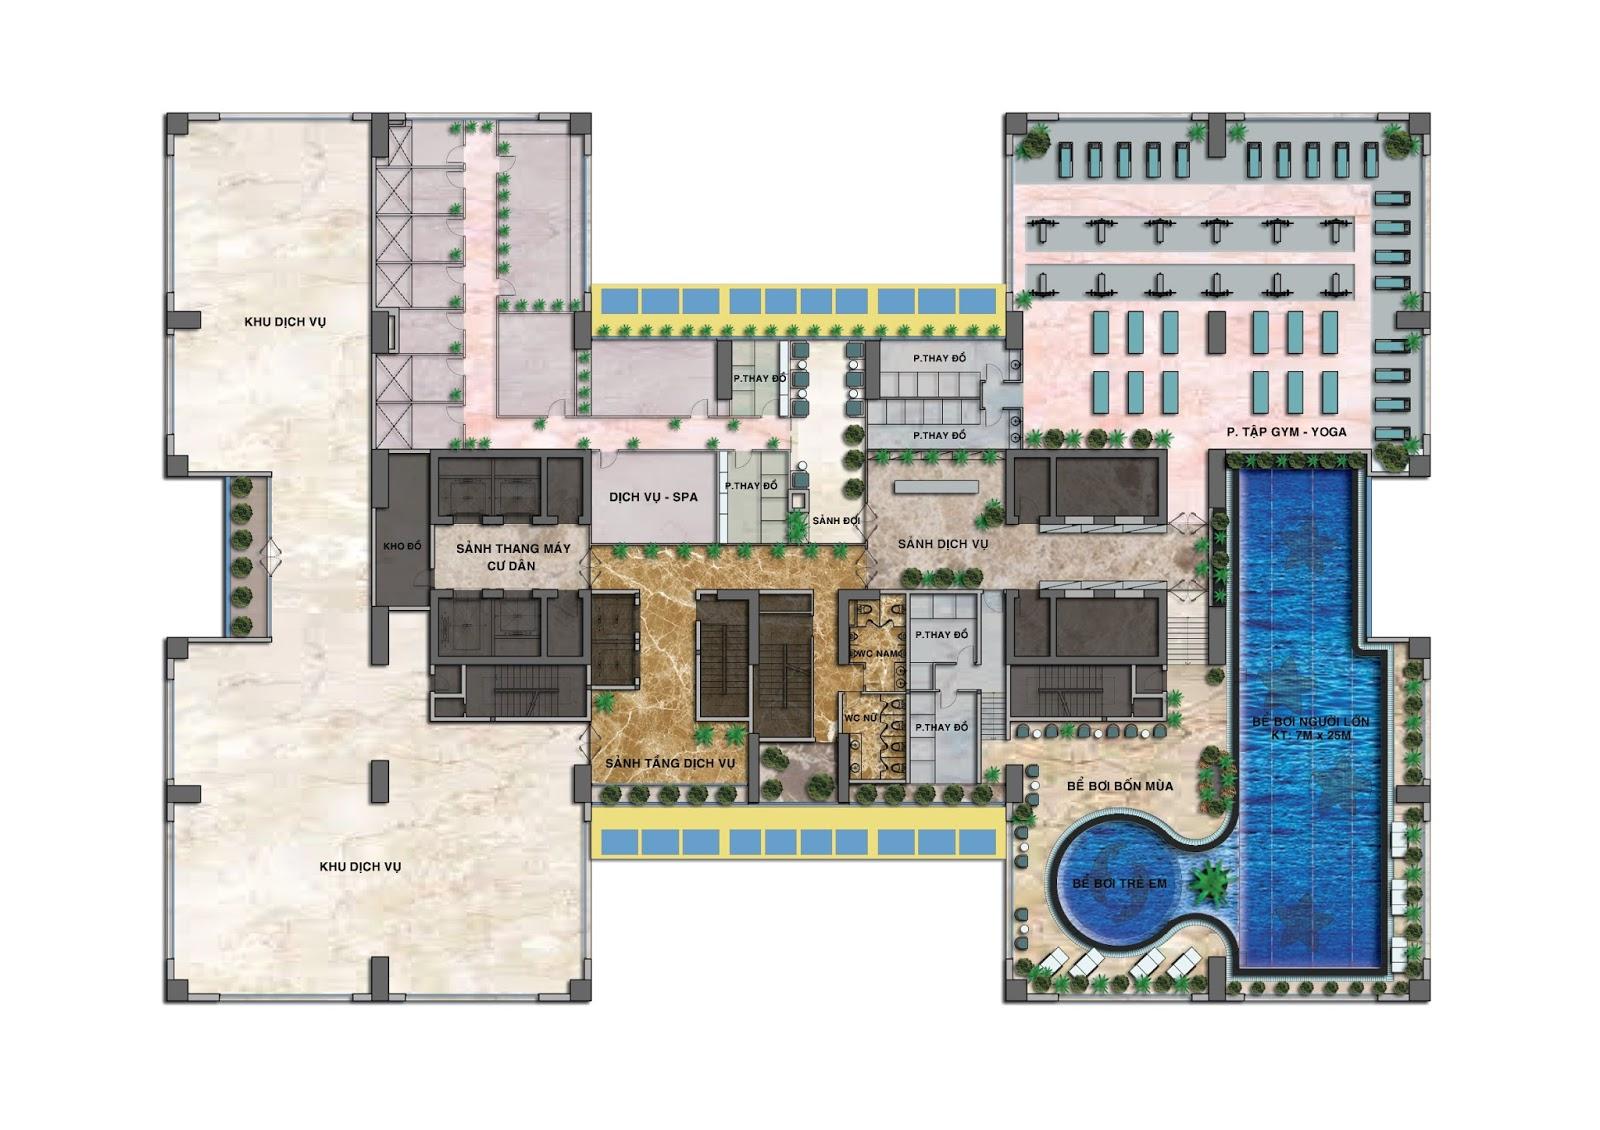 Tiện ích tầng 2 dự án Housinco Nguyễn Xiển